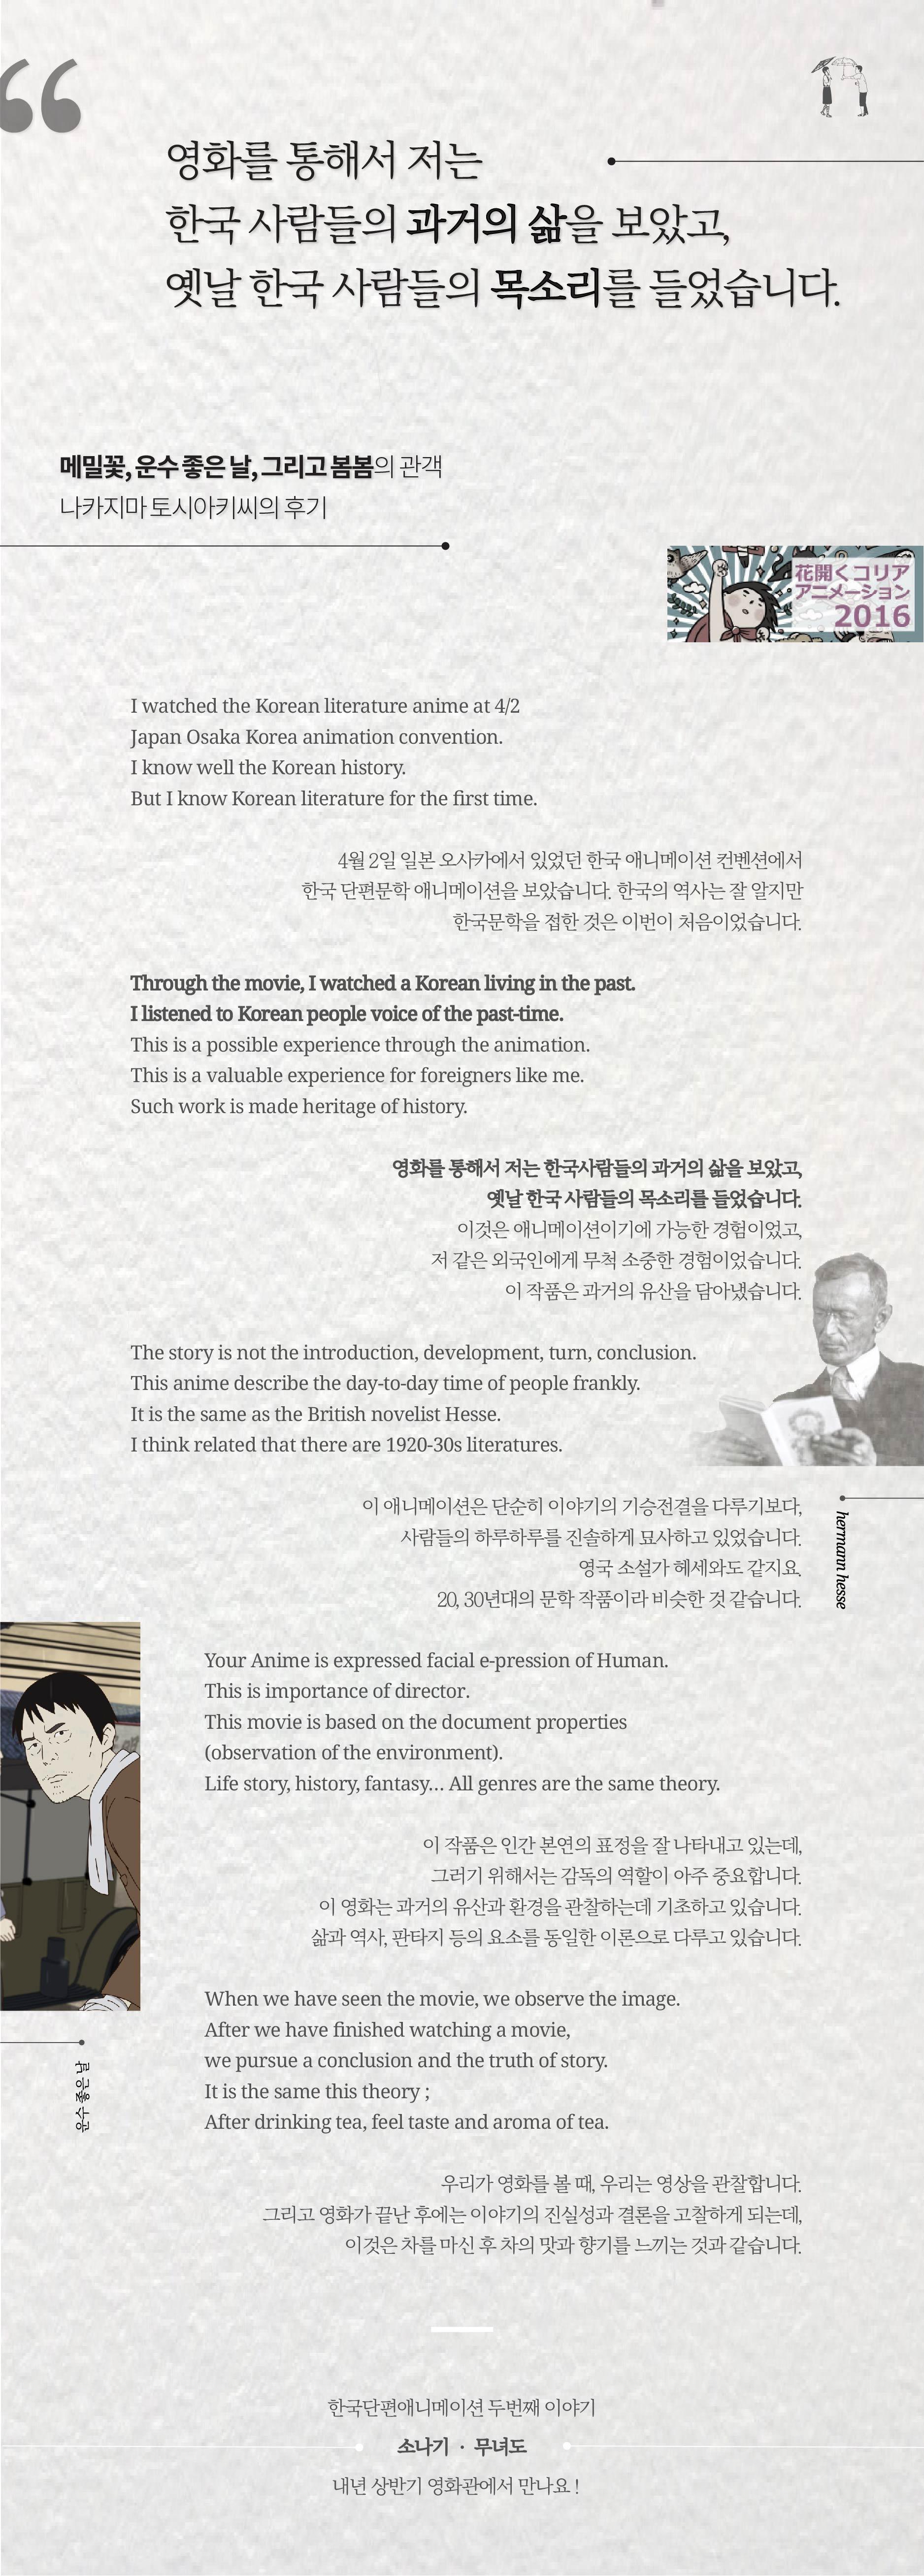 메운봄-후기_mail.jpg